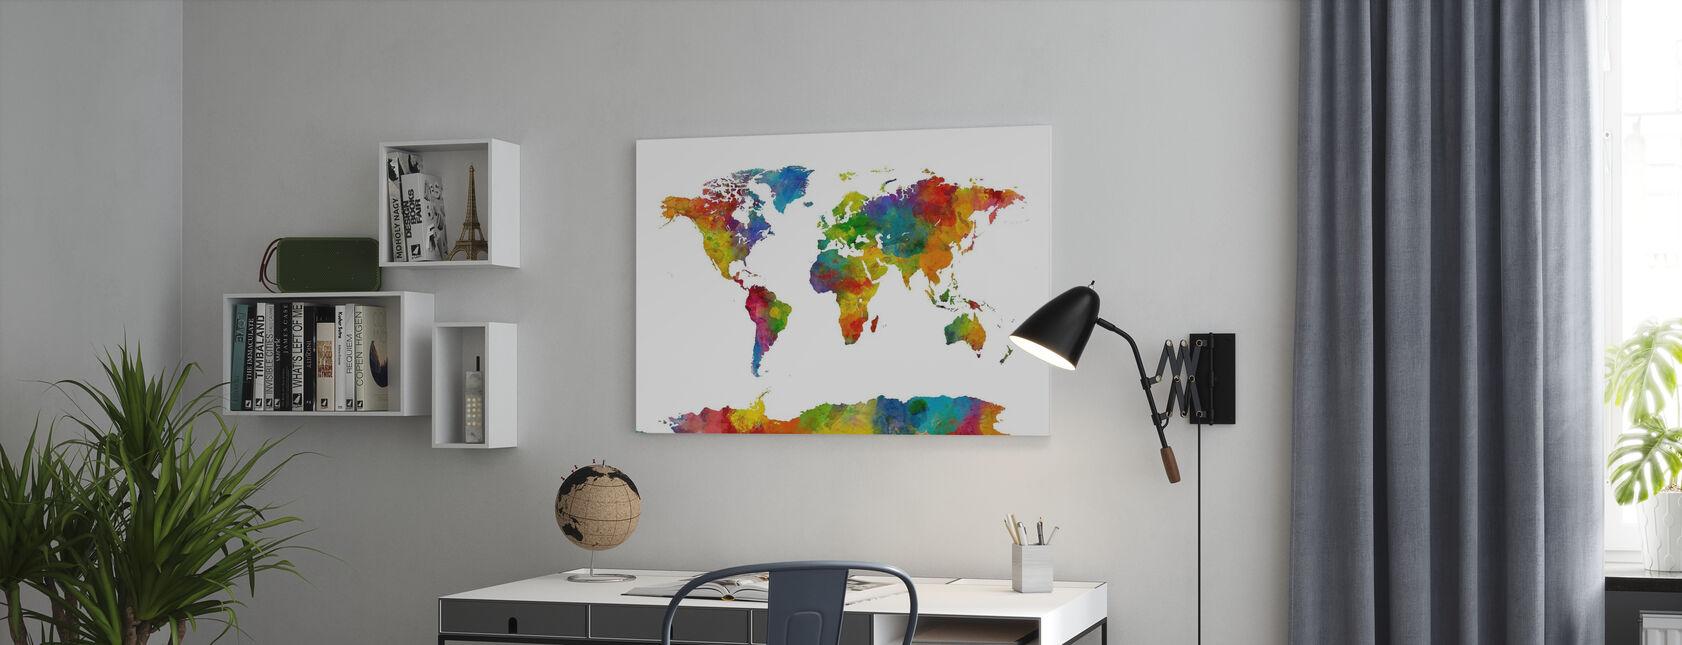 Akwarela Mapa Świata Multicolor 2 - Obraz na płótnie - Biuro